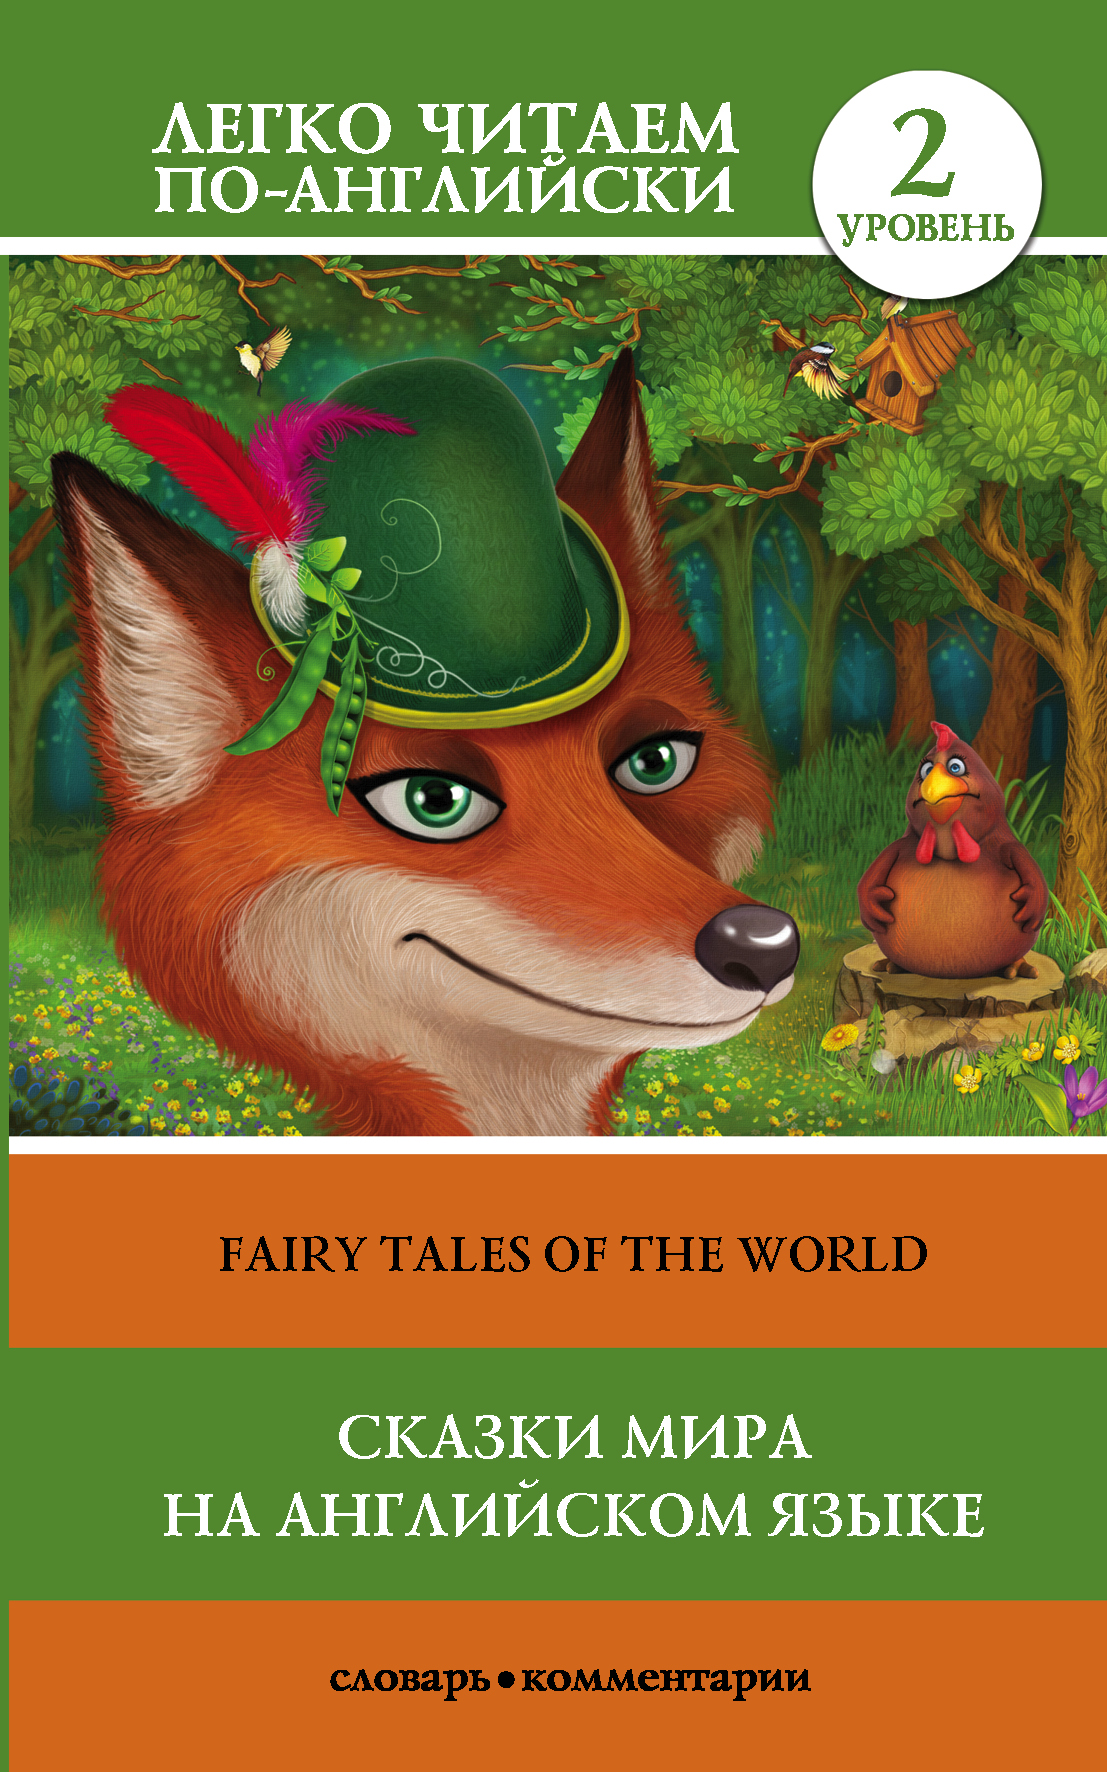 . Сказки мира на английском языке. Уровень 2 читаем на английском часть 2 сказки